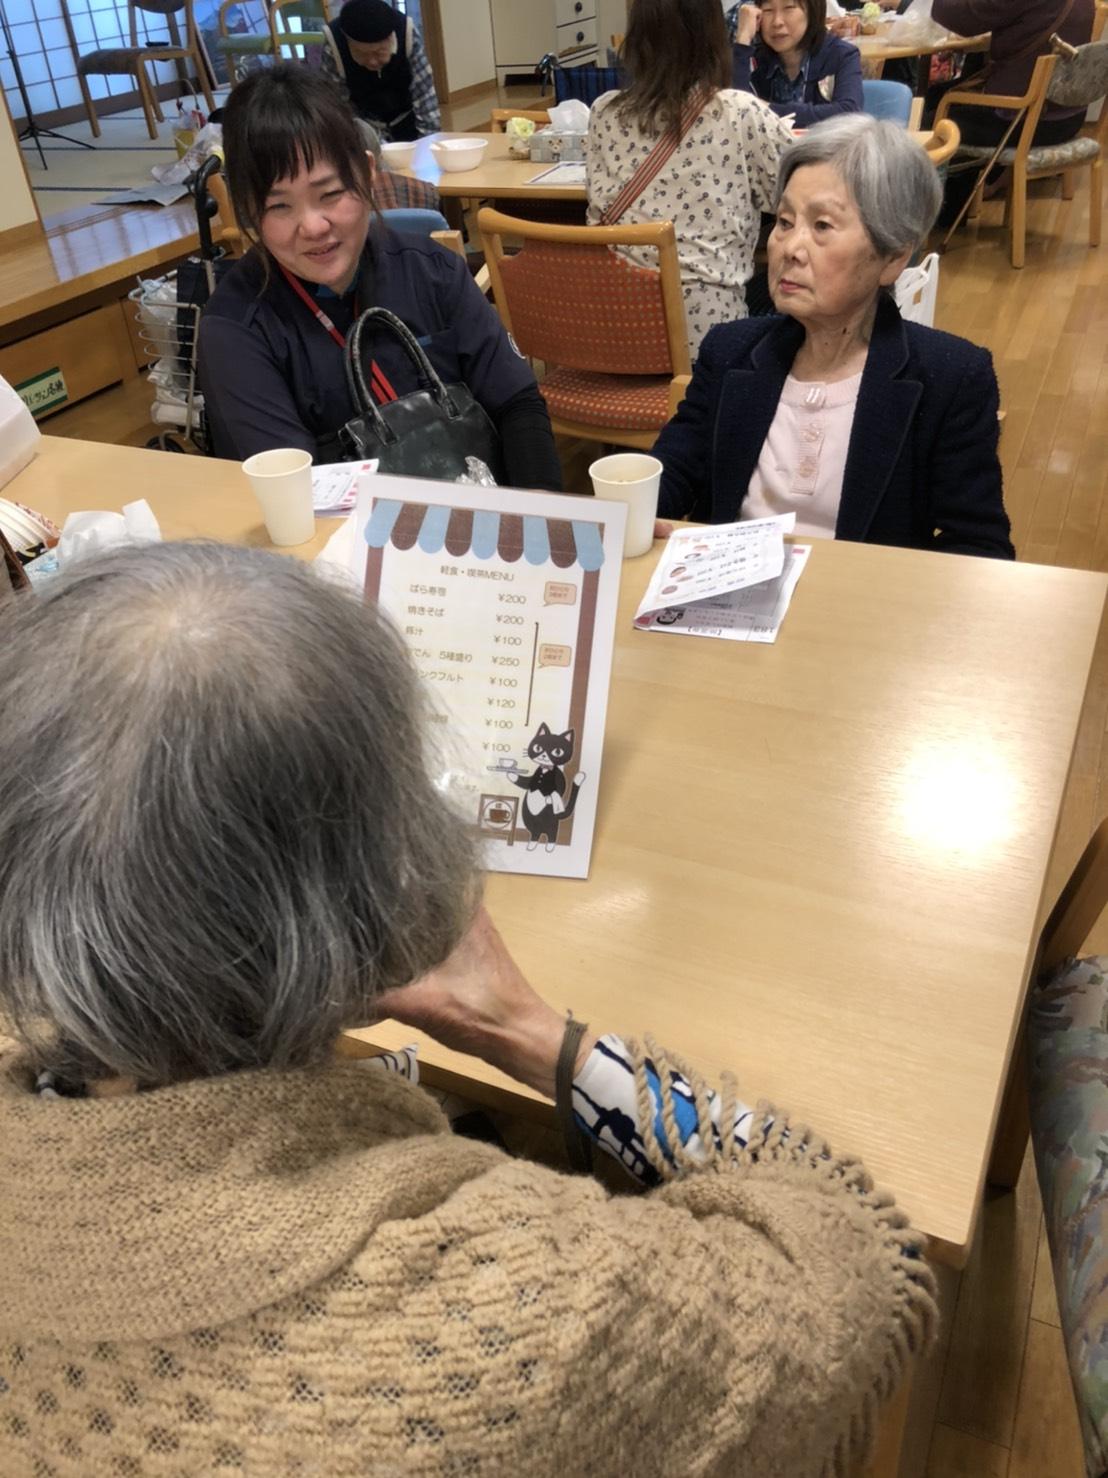 2019年10月26日 地域の高齢者支援センターへお出かけ